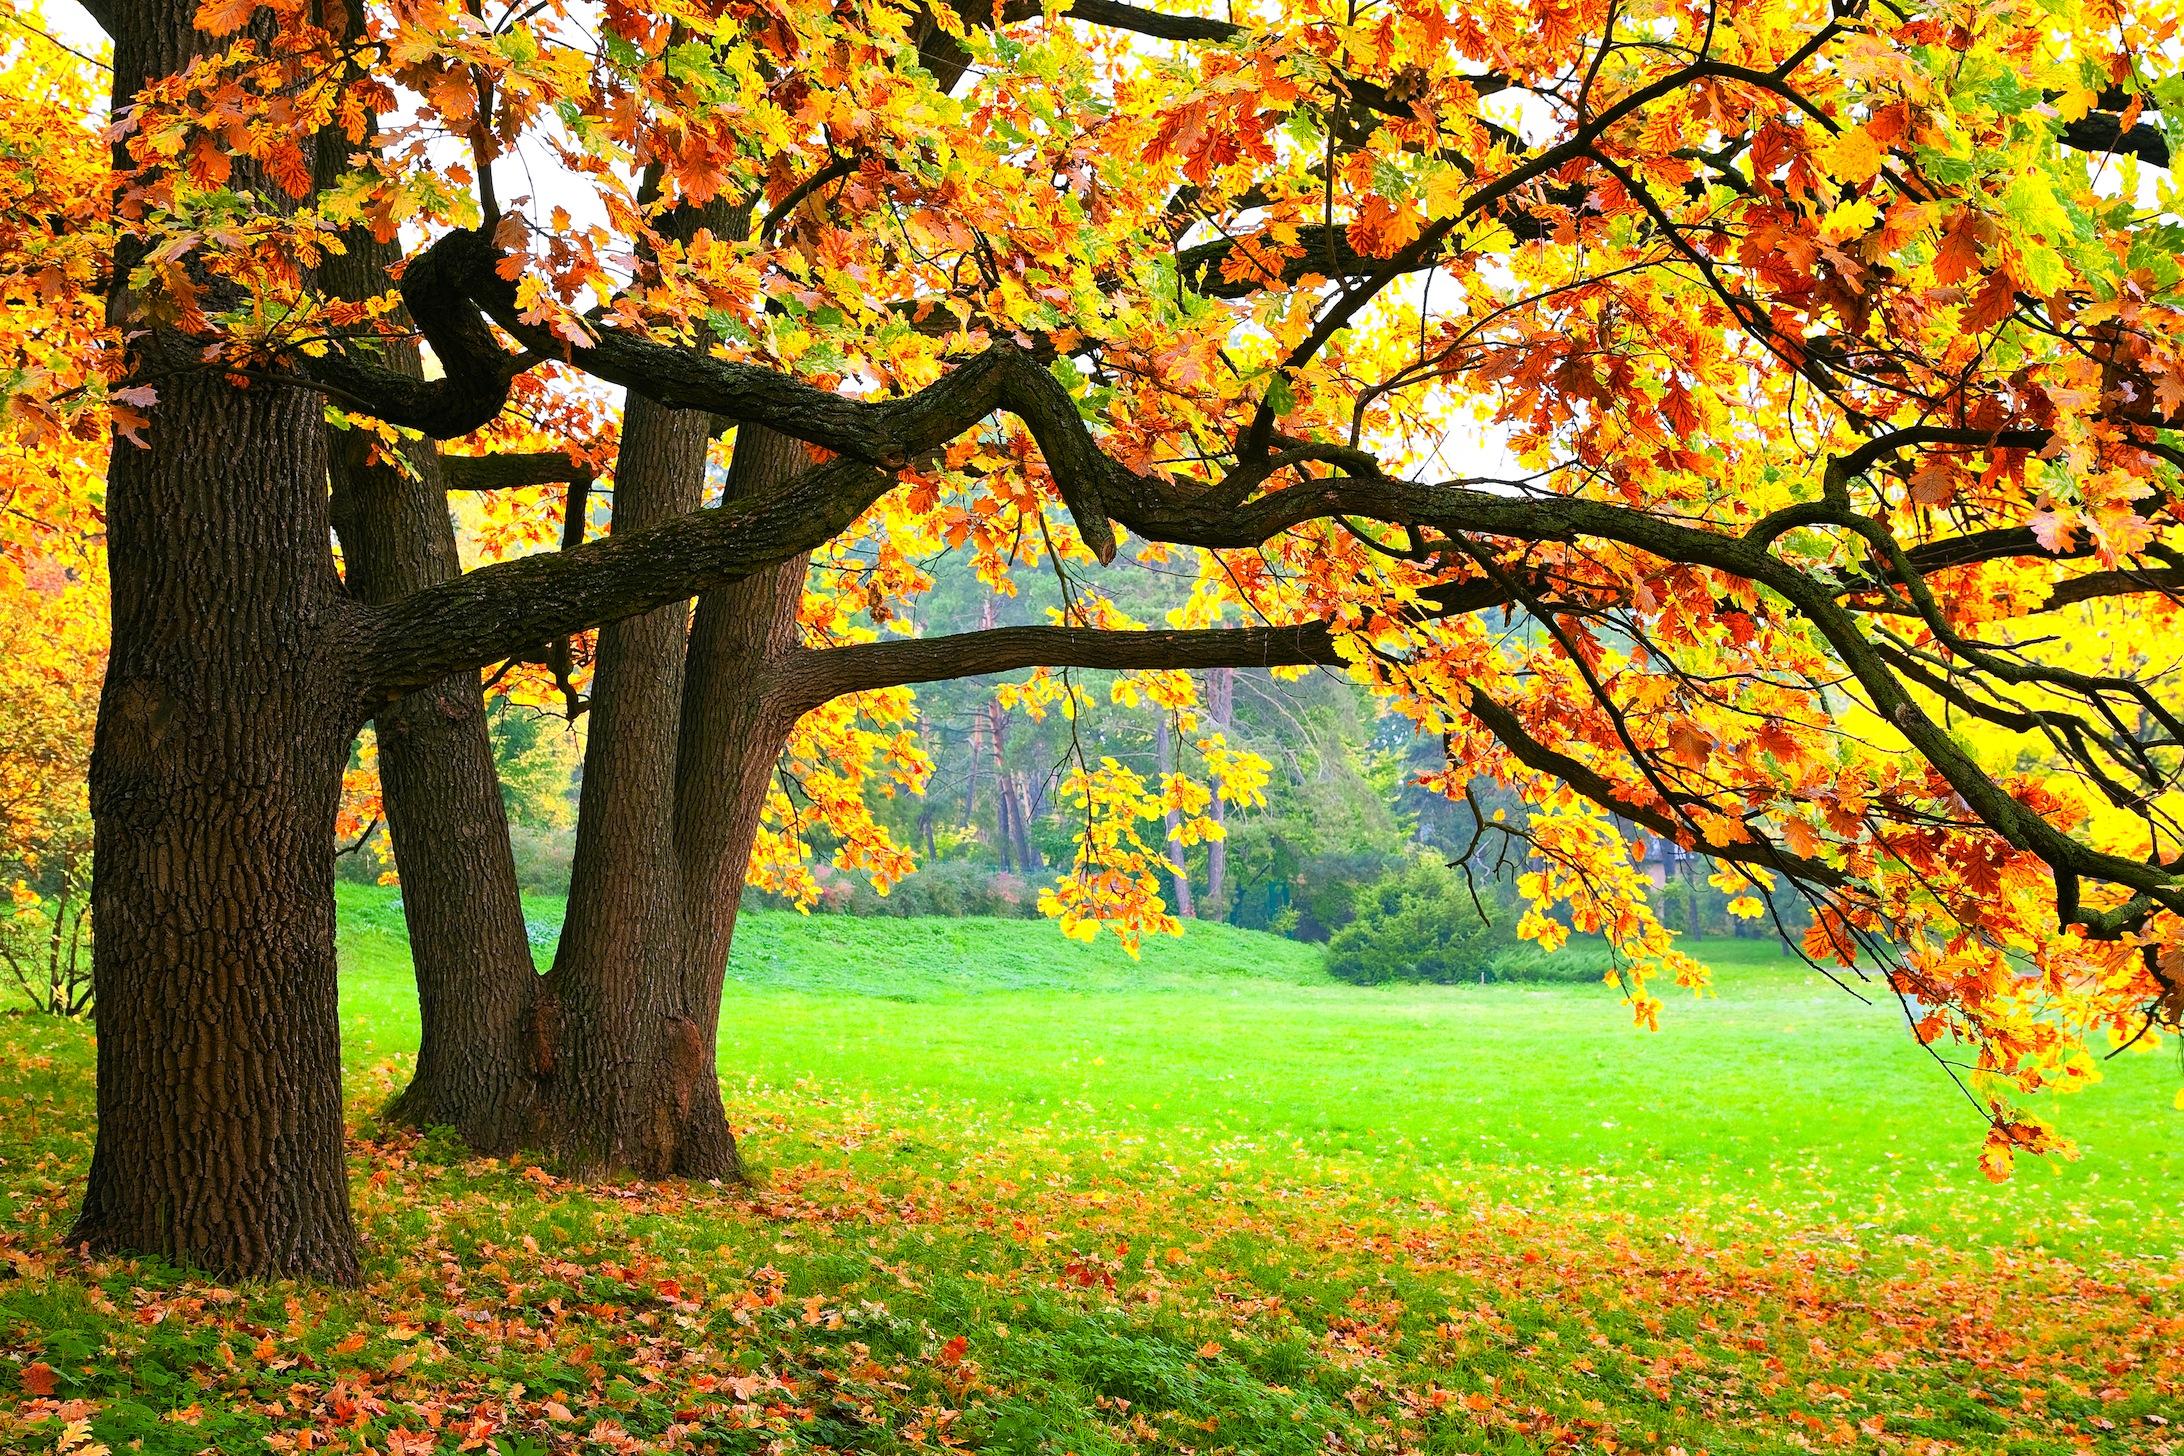 Beauté de l'automne papiers peints photo appliqué sur le mur